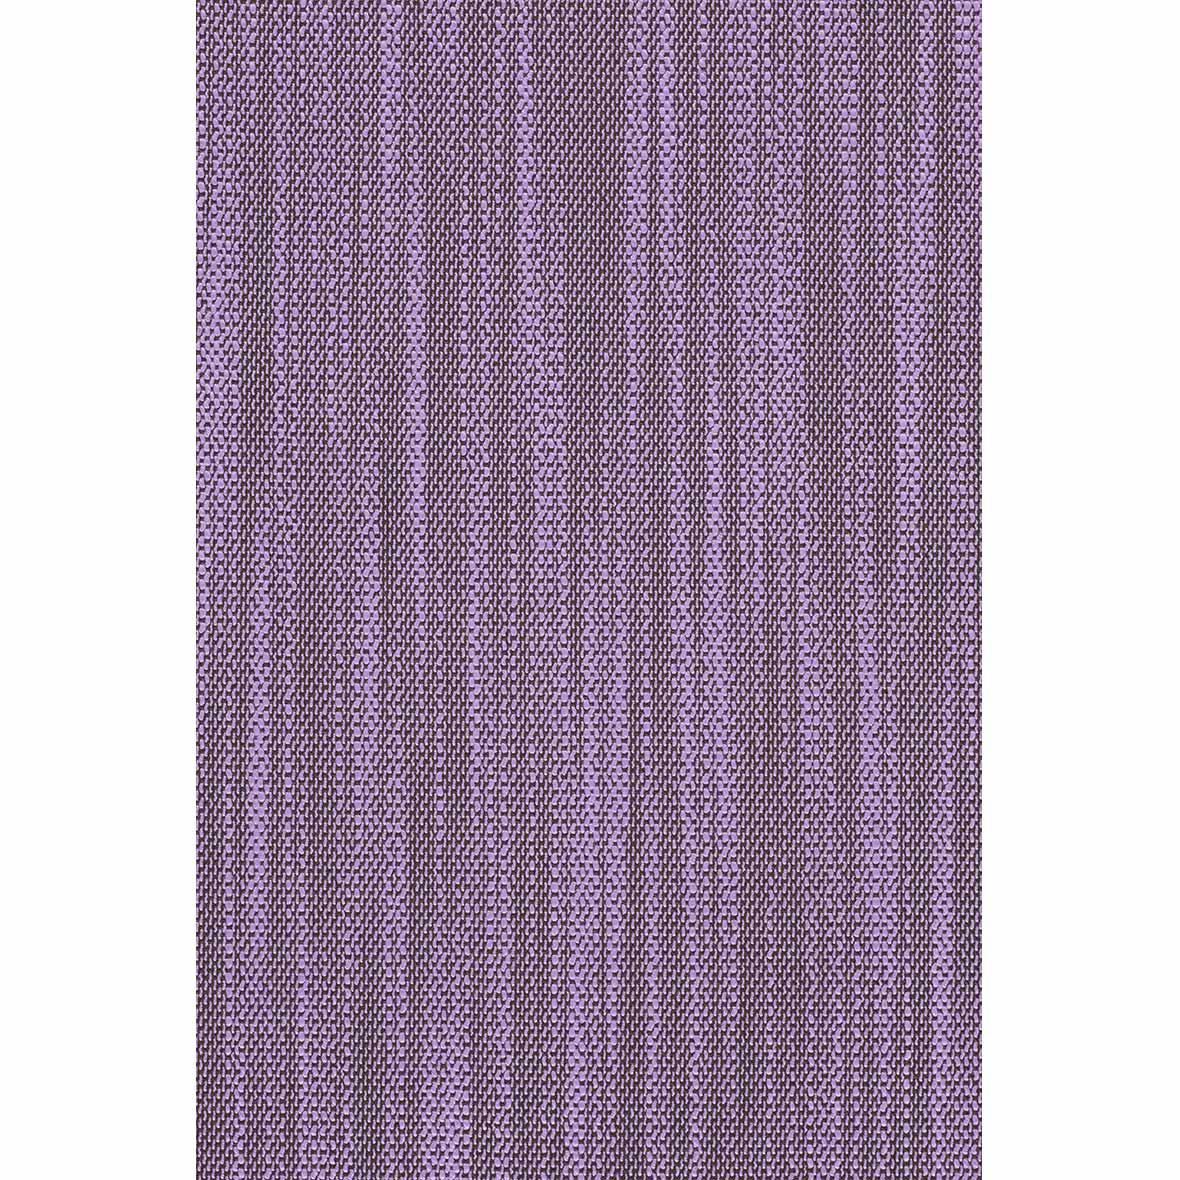 stoff lila 7715 671 de sede